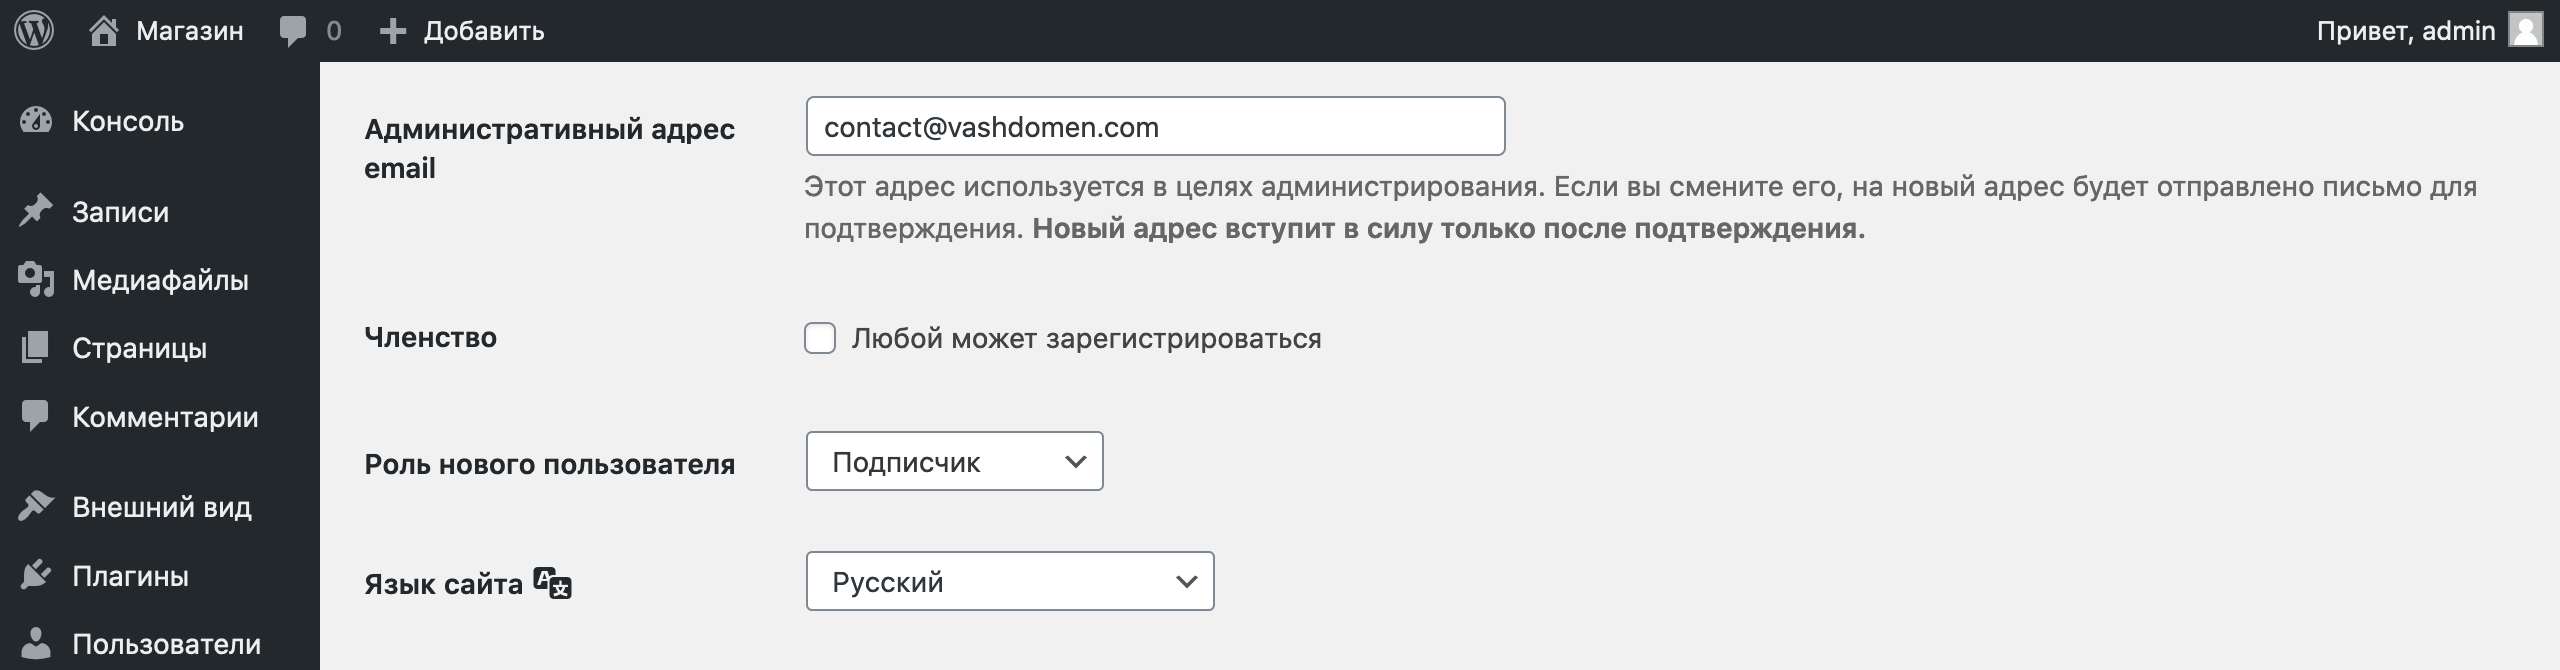 Создание интернет-магазина на CMS WordPress: поля с языком и административным email сайта в настройках